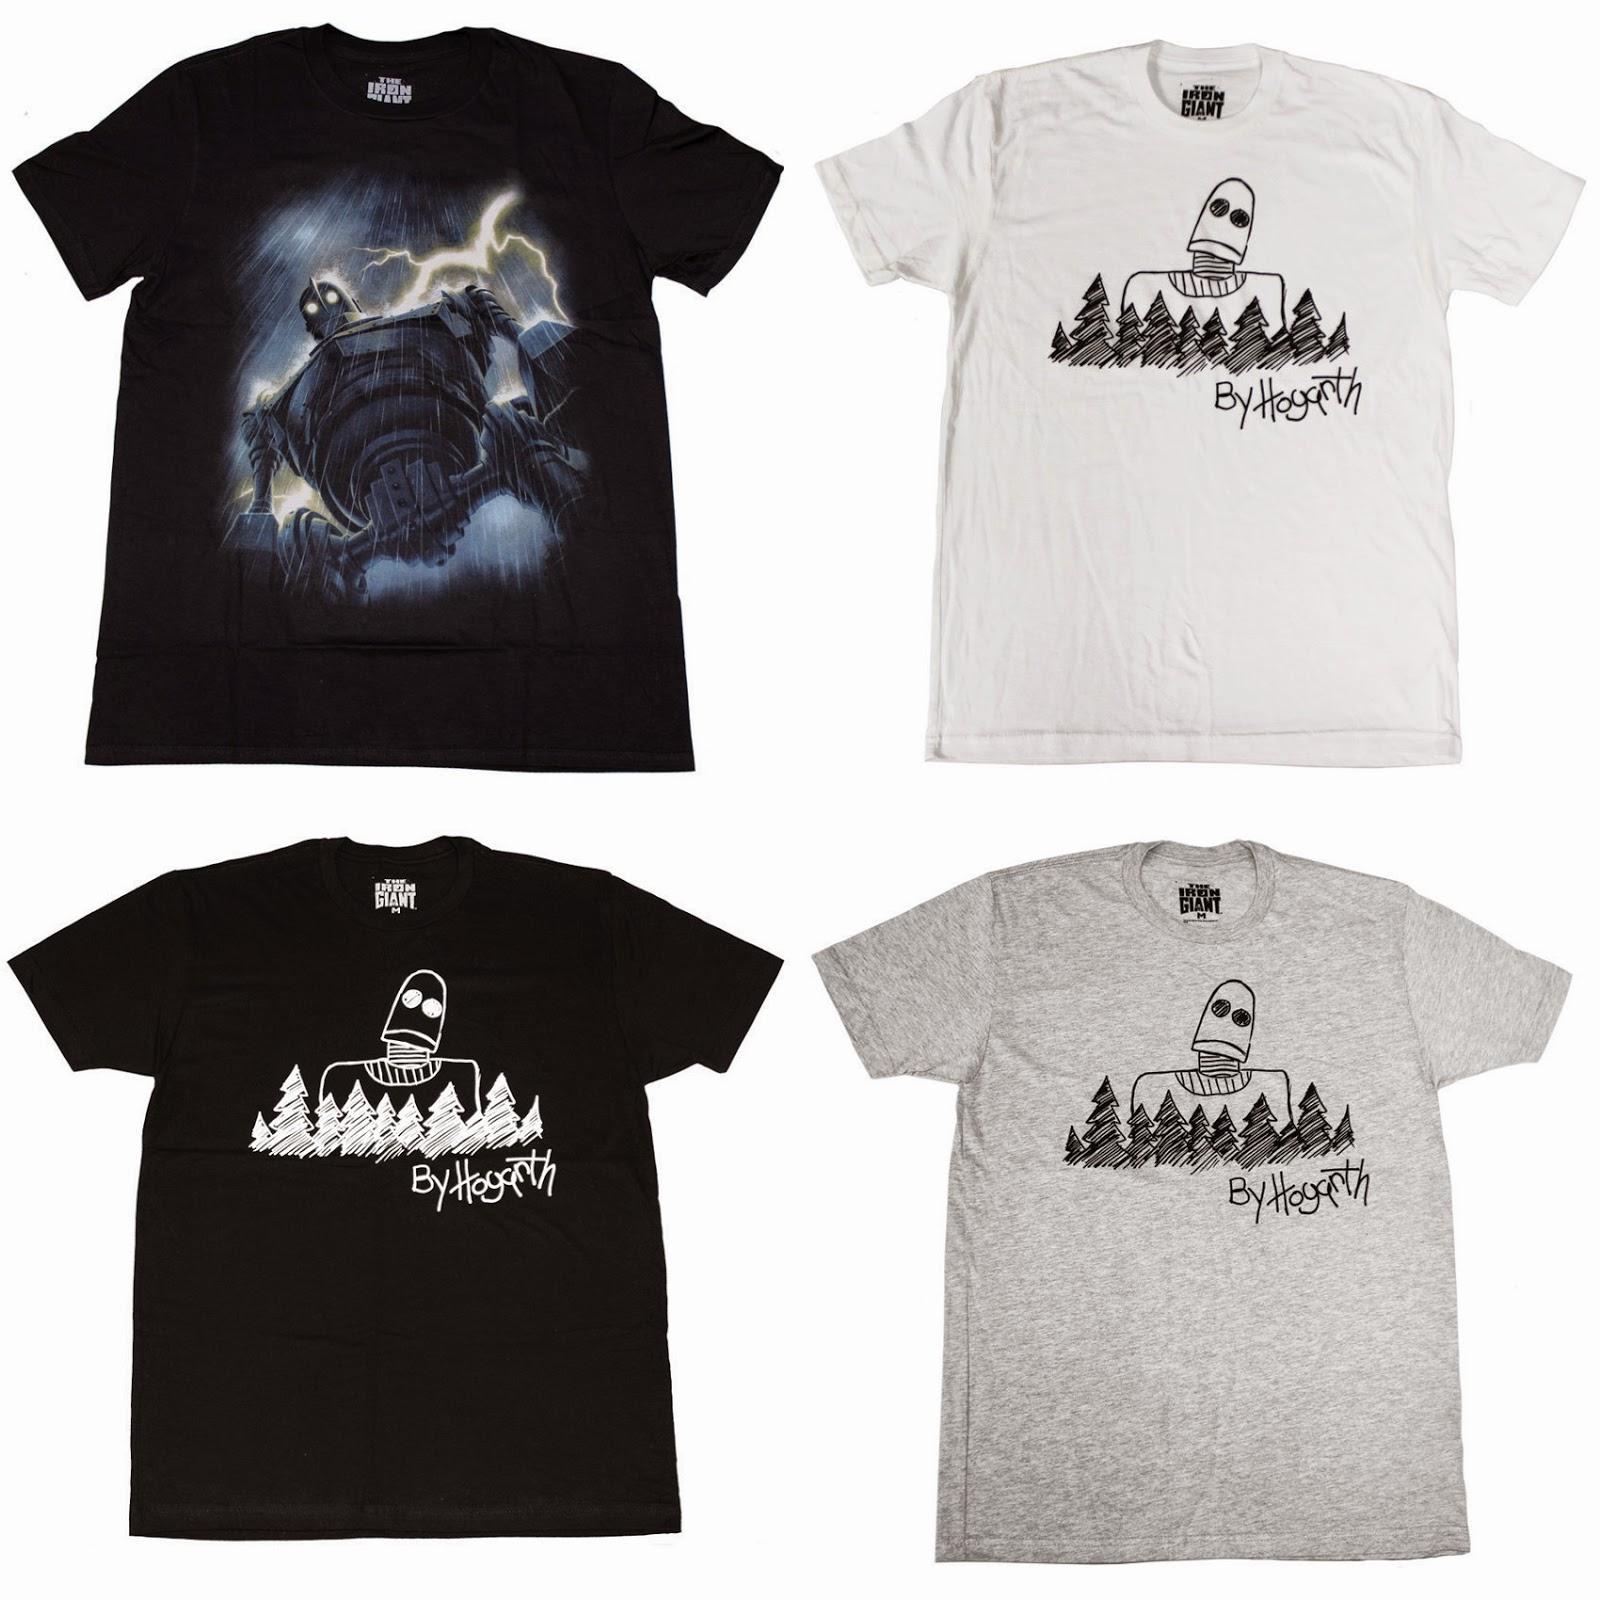 e4c0db54 The Blot Says...: The Iron Giant T-Shirts by Mondo & Jason Edmiston